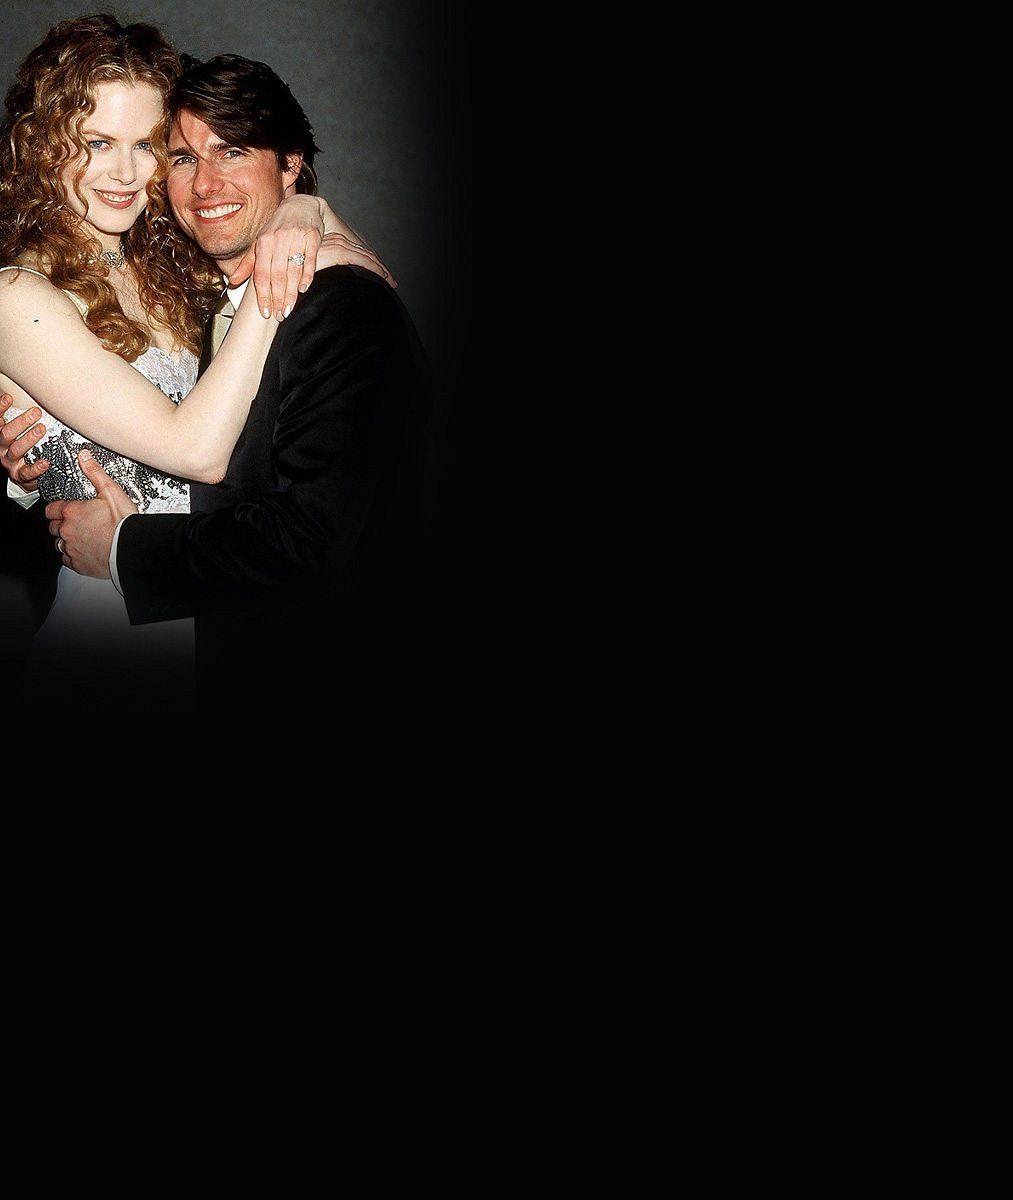 V rolích spokojených manželů neobstáli: 12 hereckých párů, jimž společný svazek nevyšel